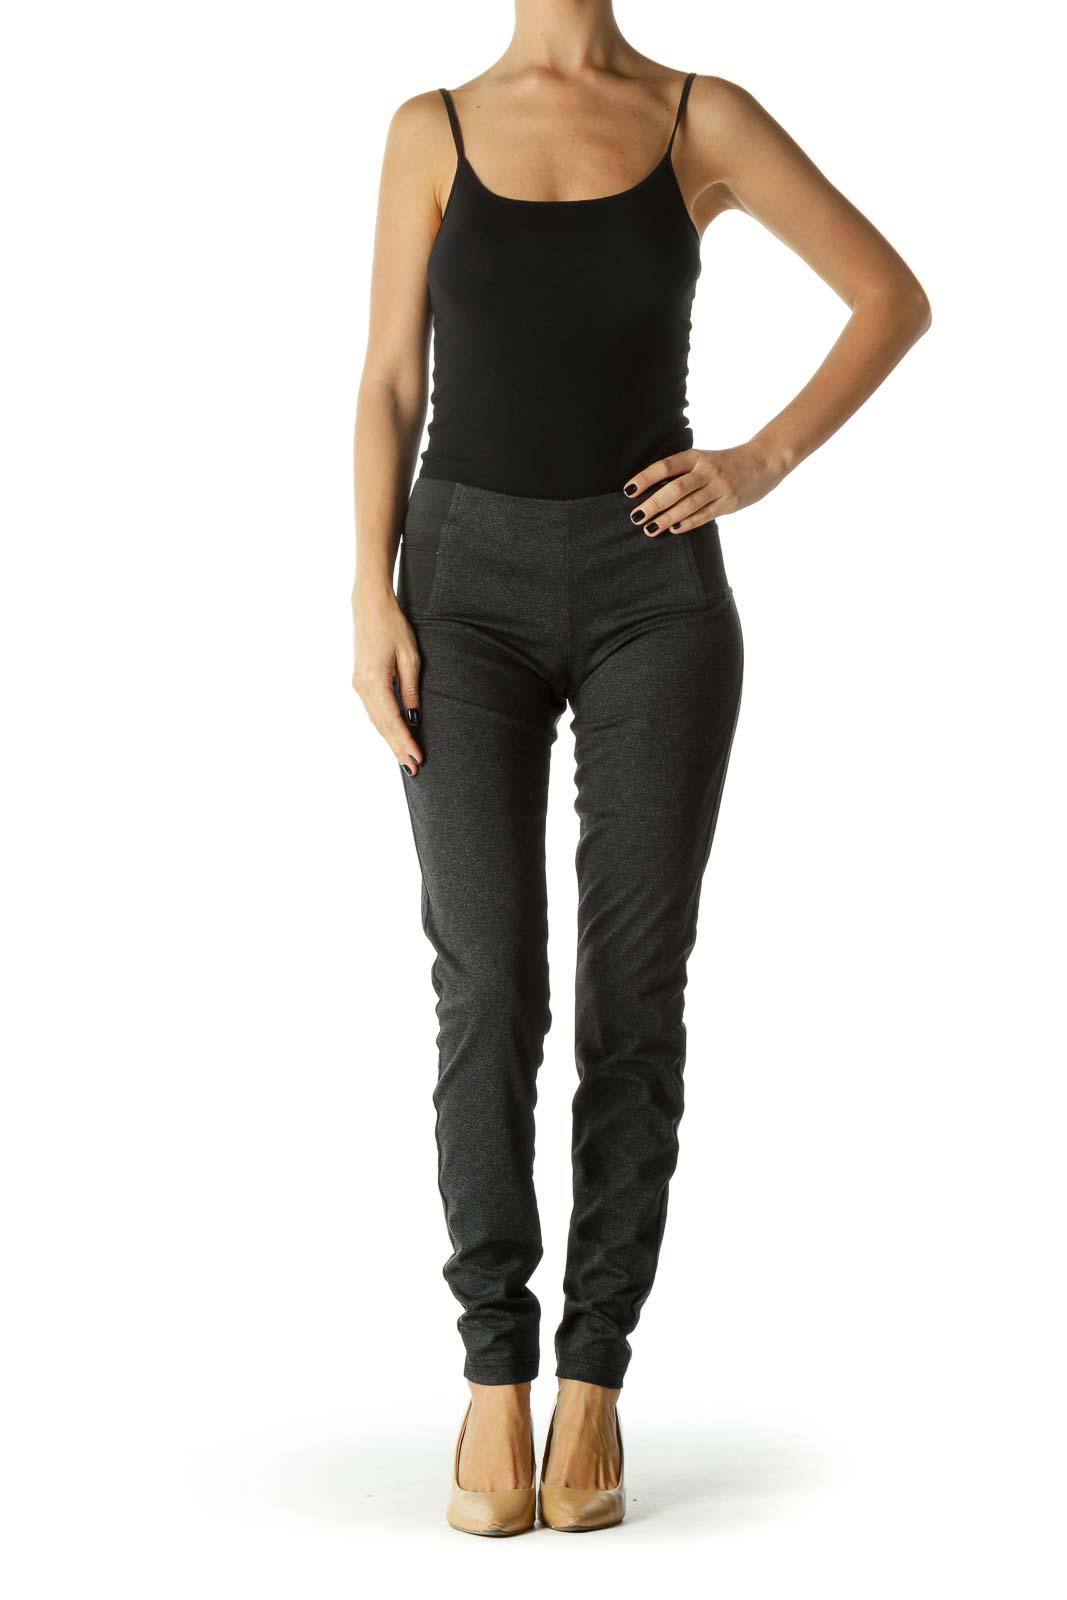 Black Herringbone Print Stretchy Skinny Leg Pant